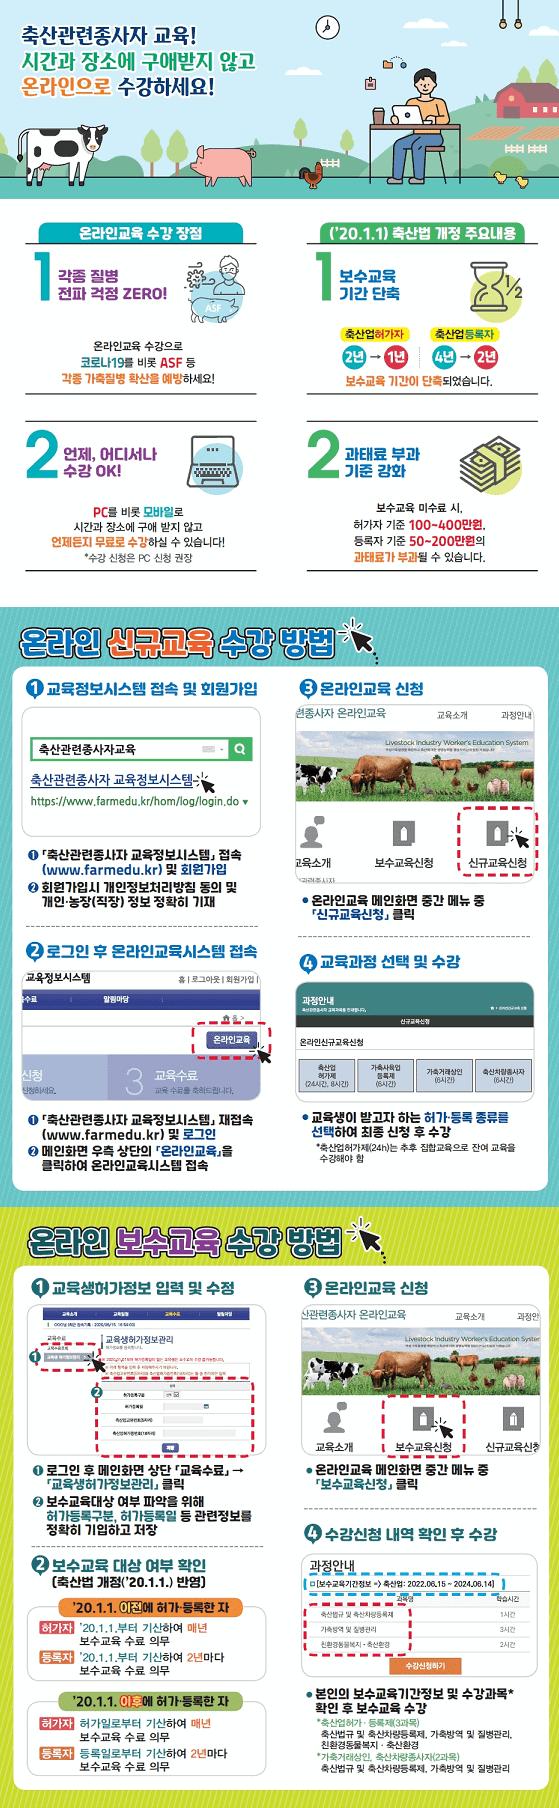 > 온라인-수강-안내-시각자료